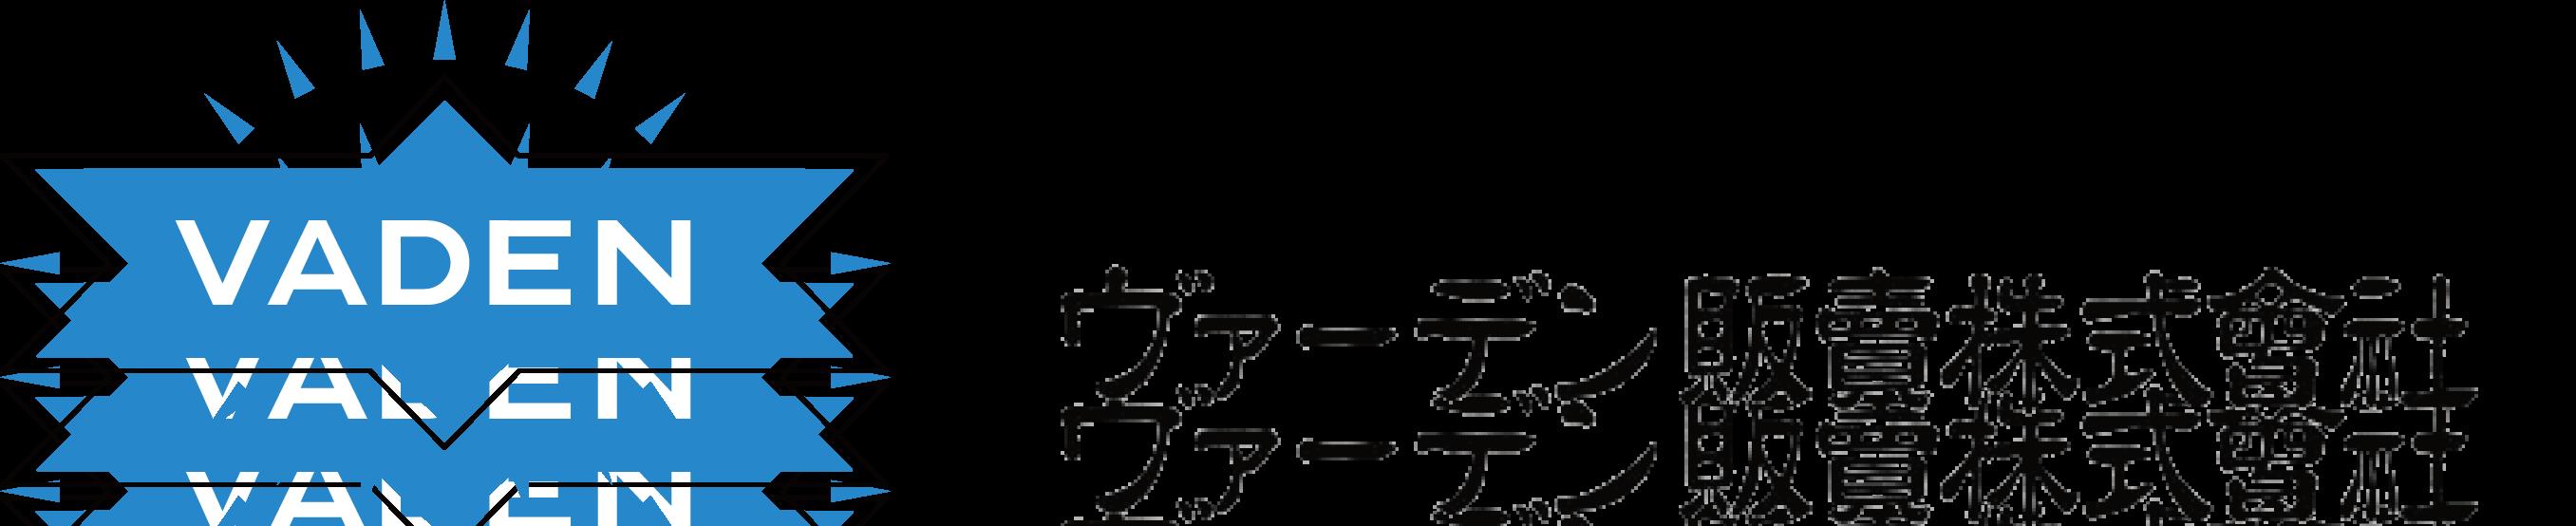 ヴァーデン販売株式会社 - 切削油・研削油/洗浄剤/潤滑油/グリス/耐熱油